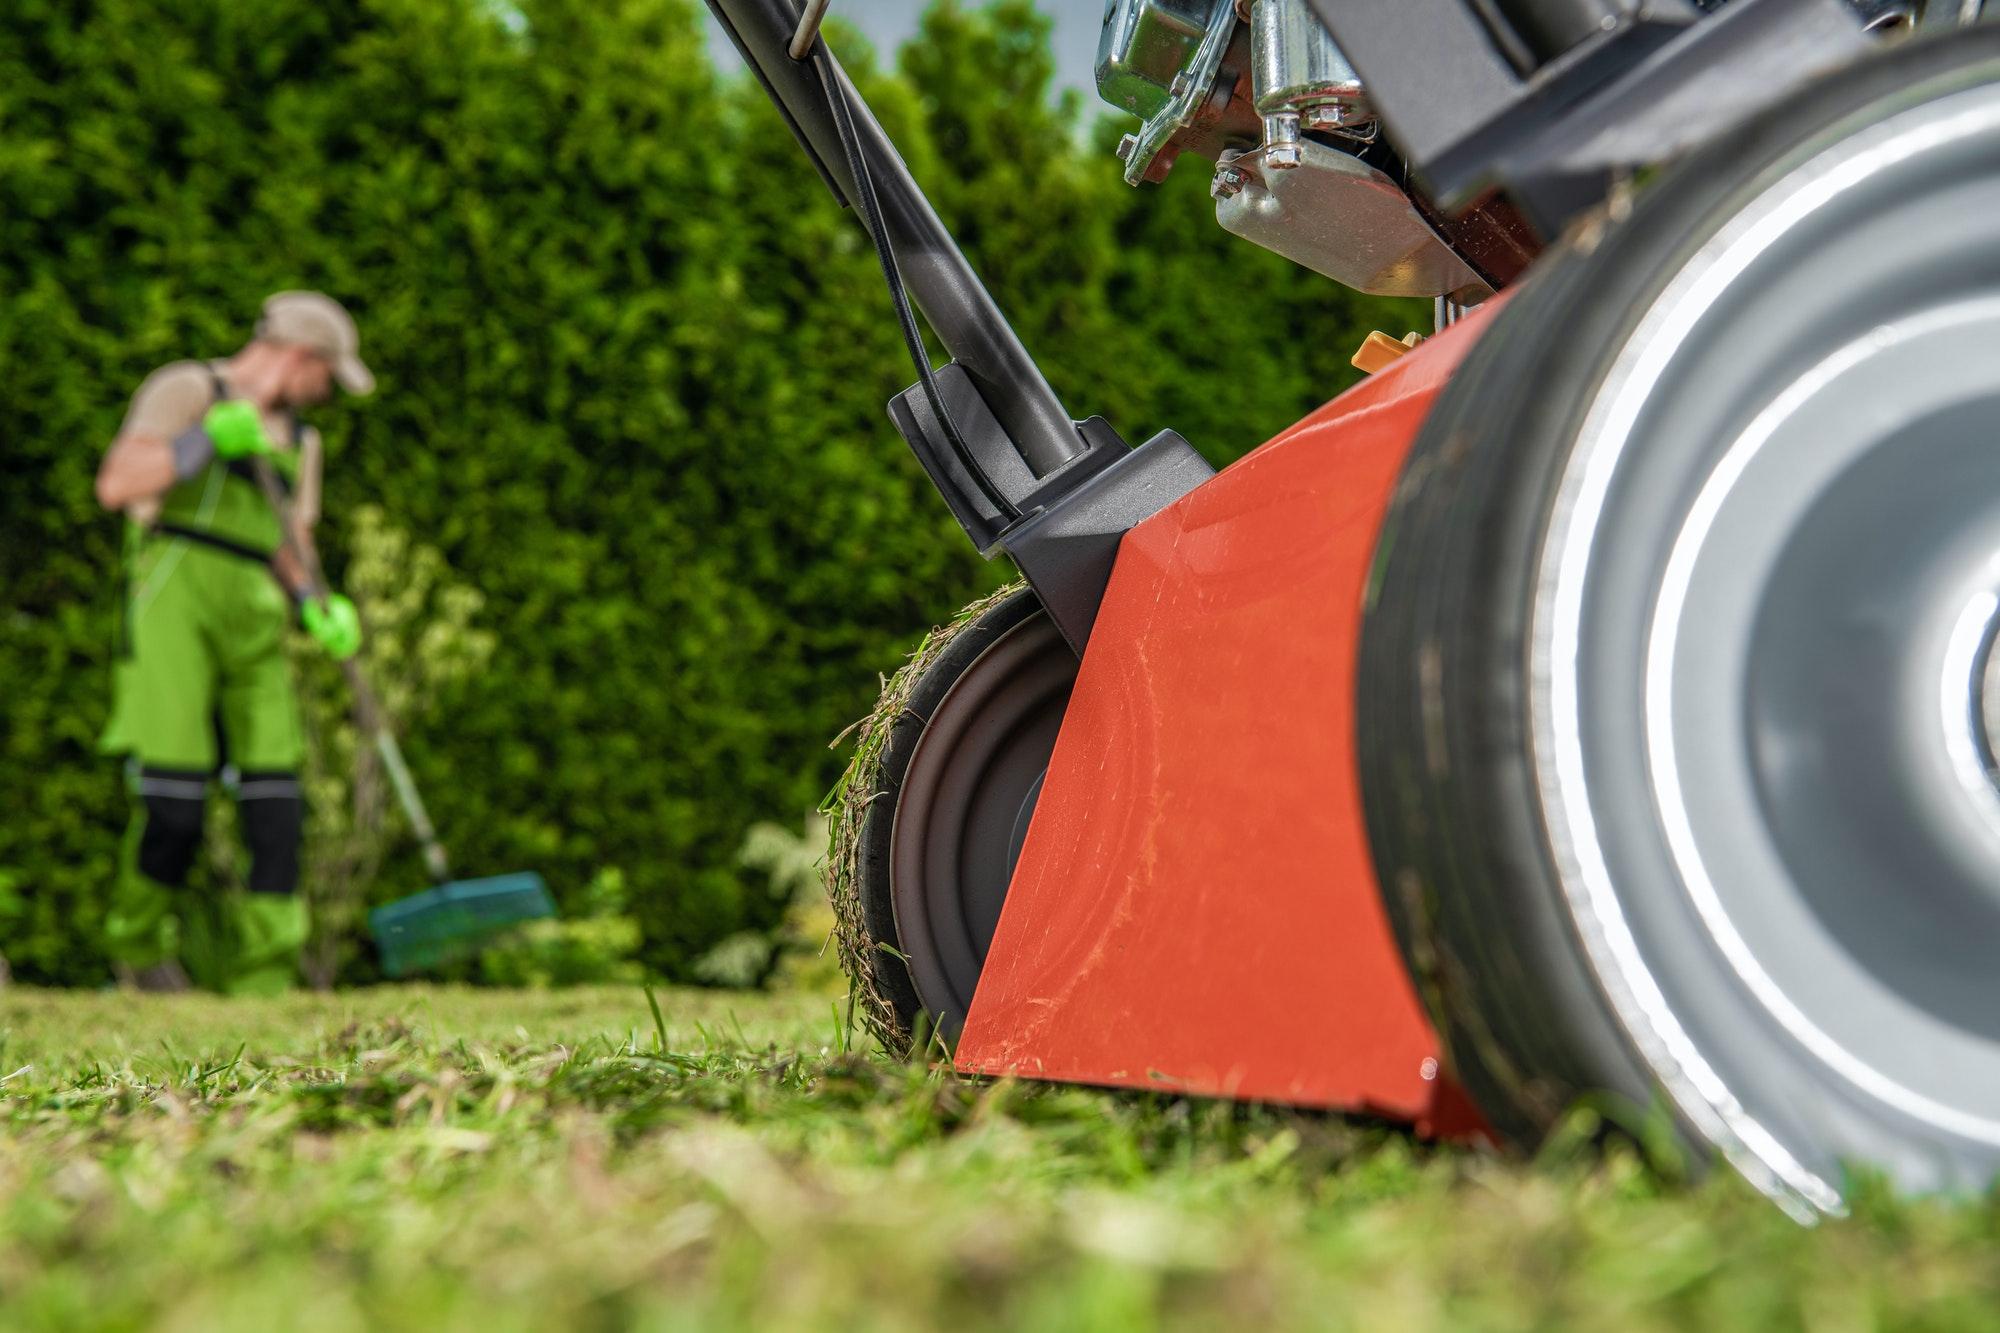 Gardening Power Equipment and Gardener Job